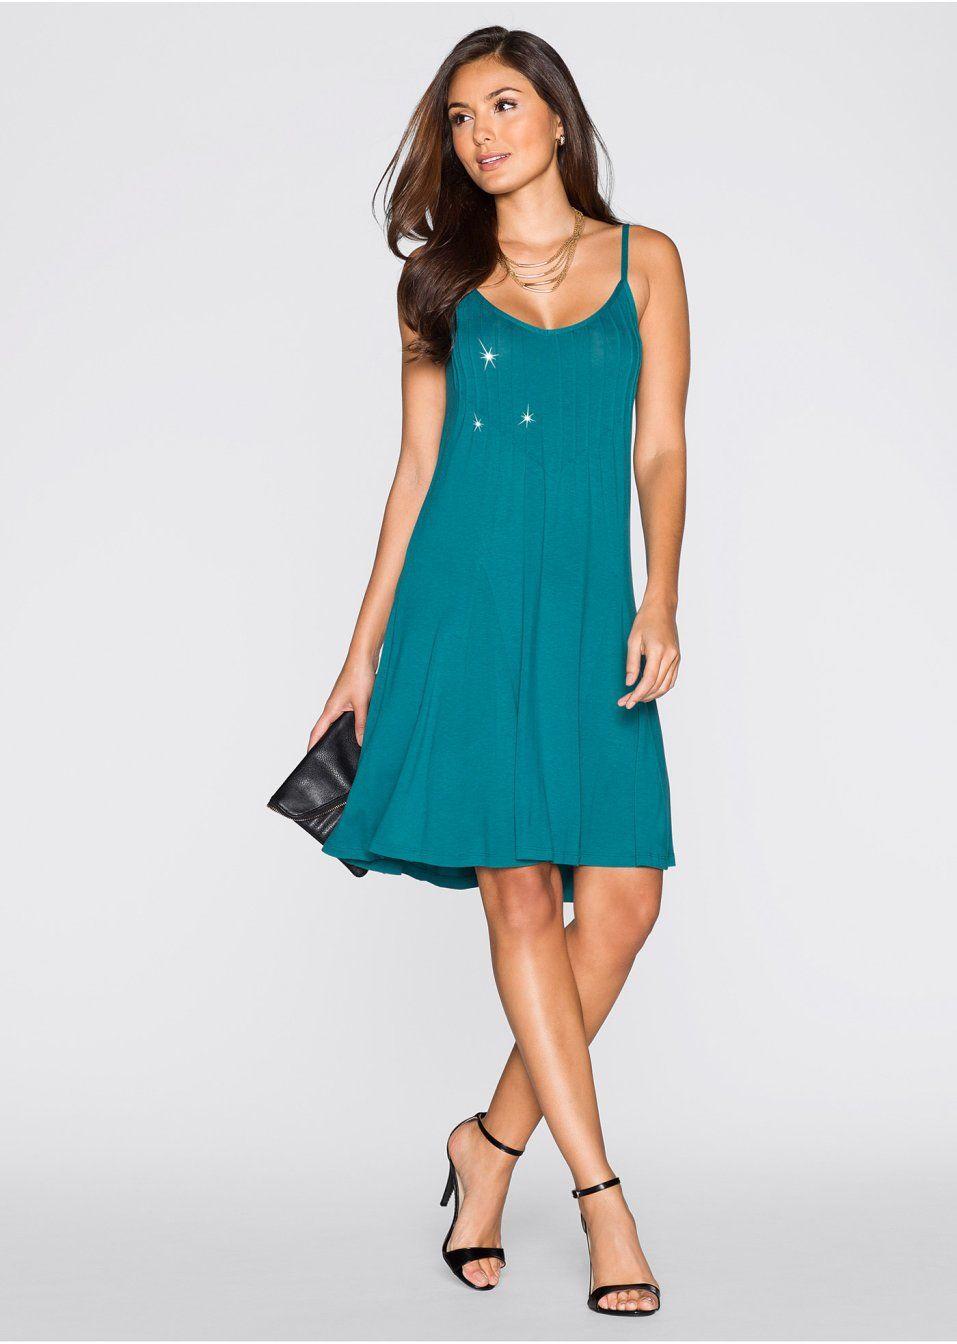 Úpletové šaty Letné šaty značky • 24.99 € • bonprix